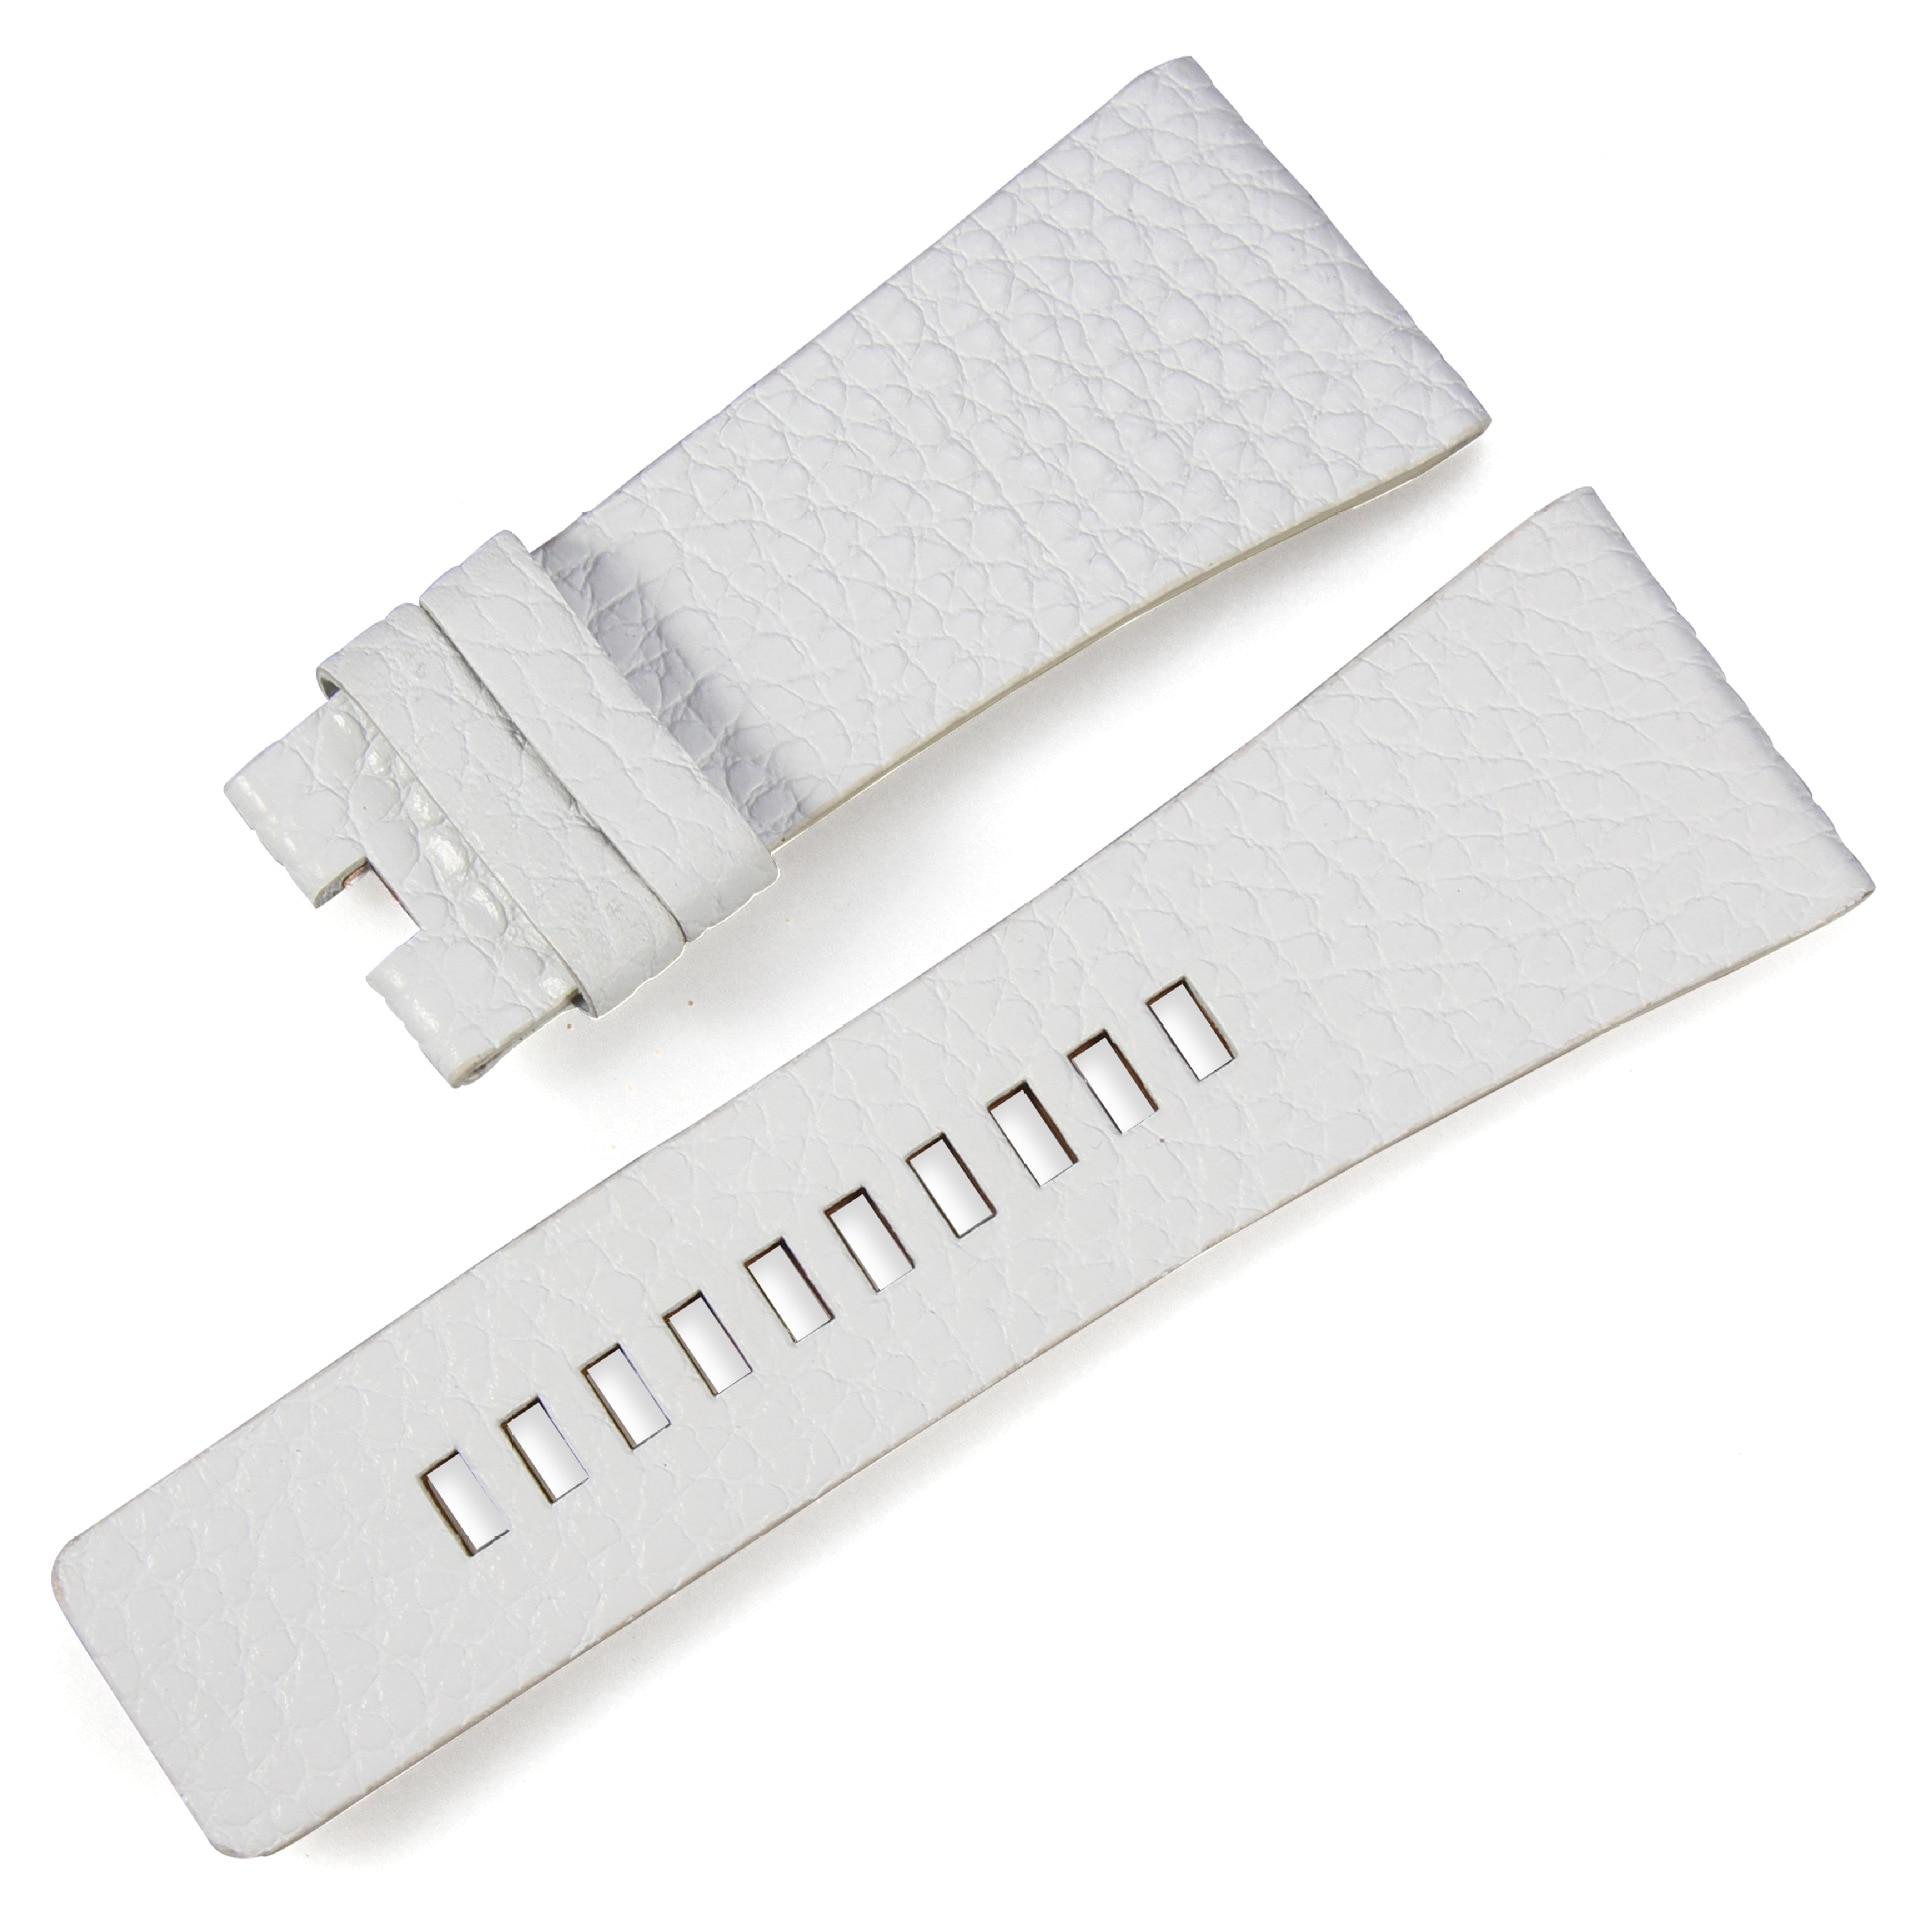 Mulheres homens pulseira litchi Textura de Couro branco Genuíno Cinta Adequado para relógio DIESEL 28 26 24mm mm mm Marca assista Acessórios